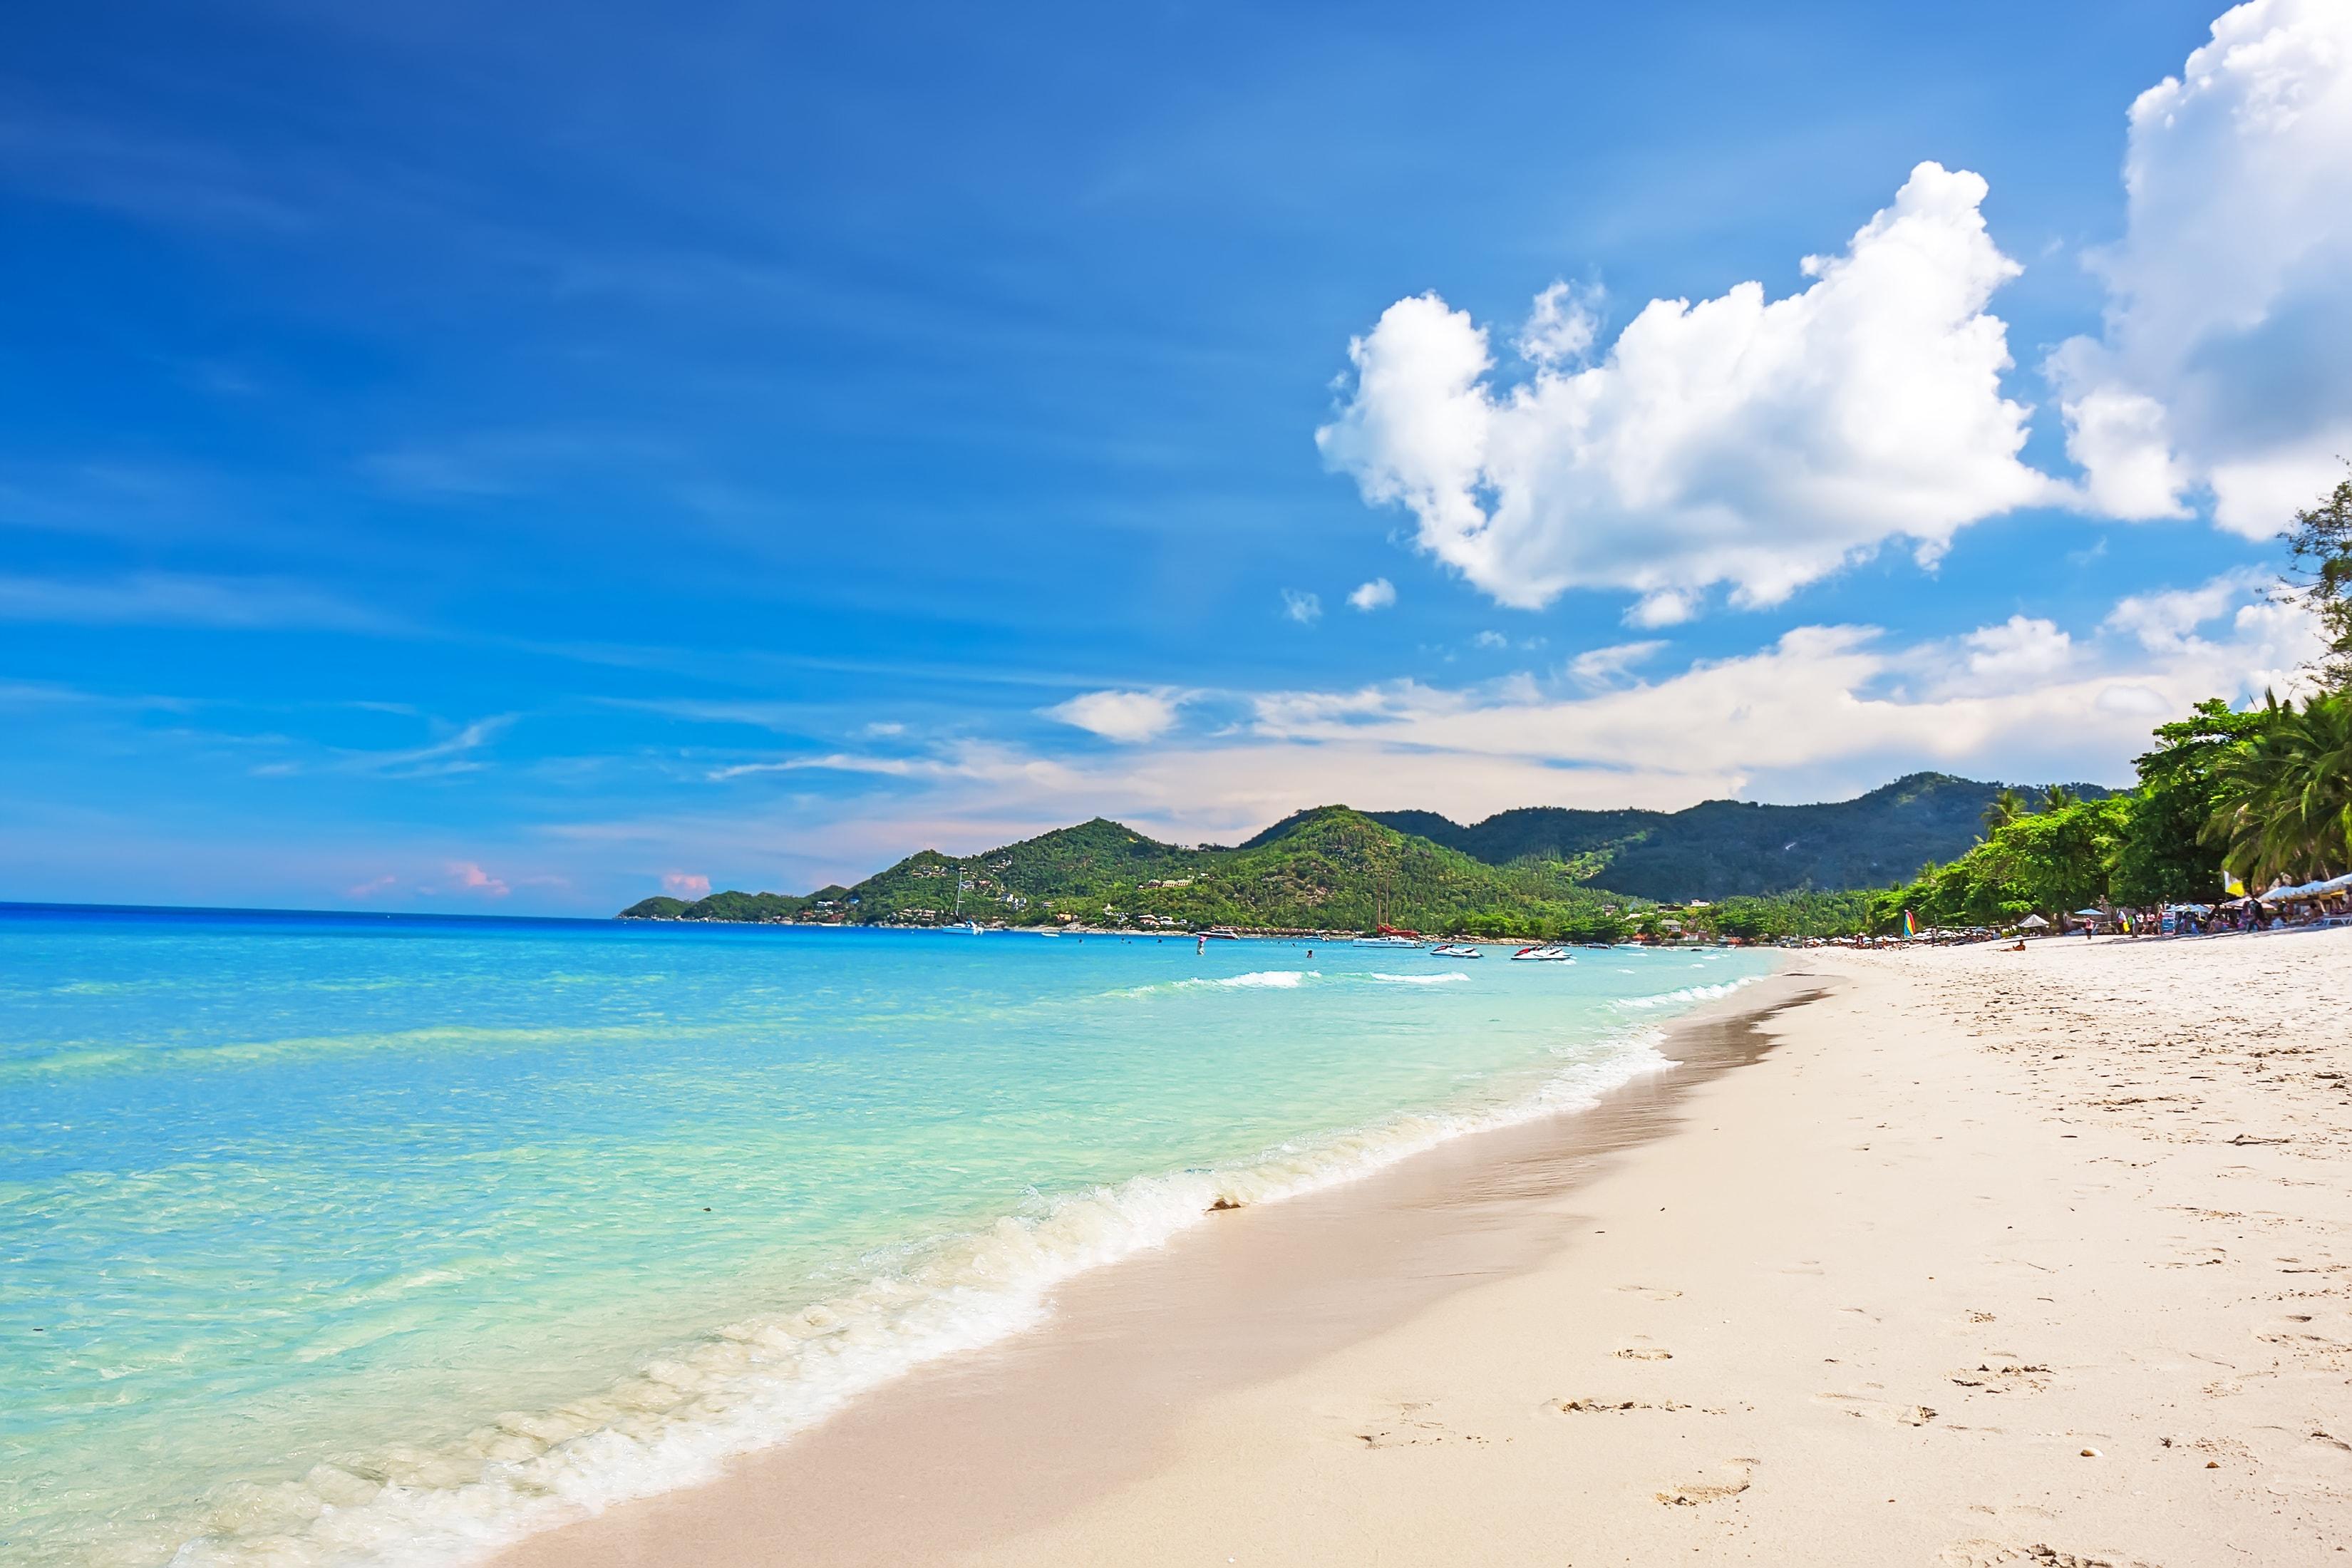 آشنایی با سواحل بکر تایلند